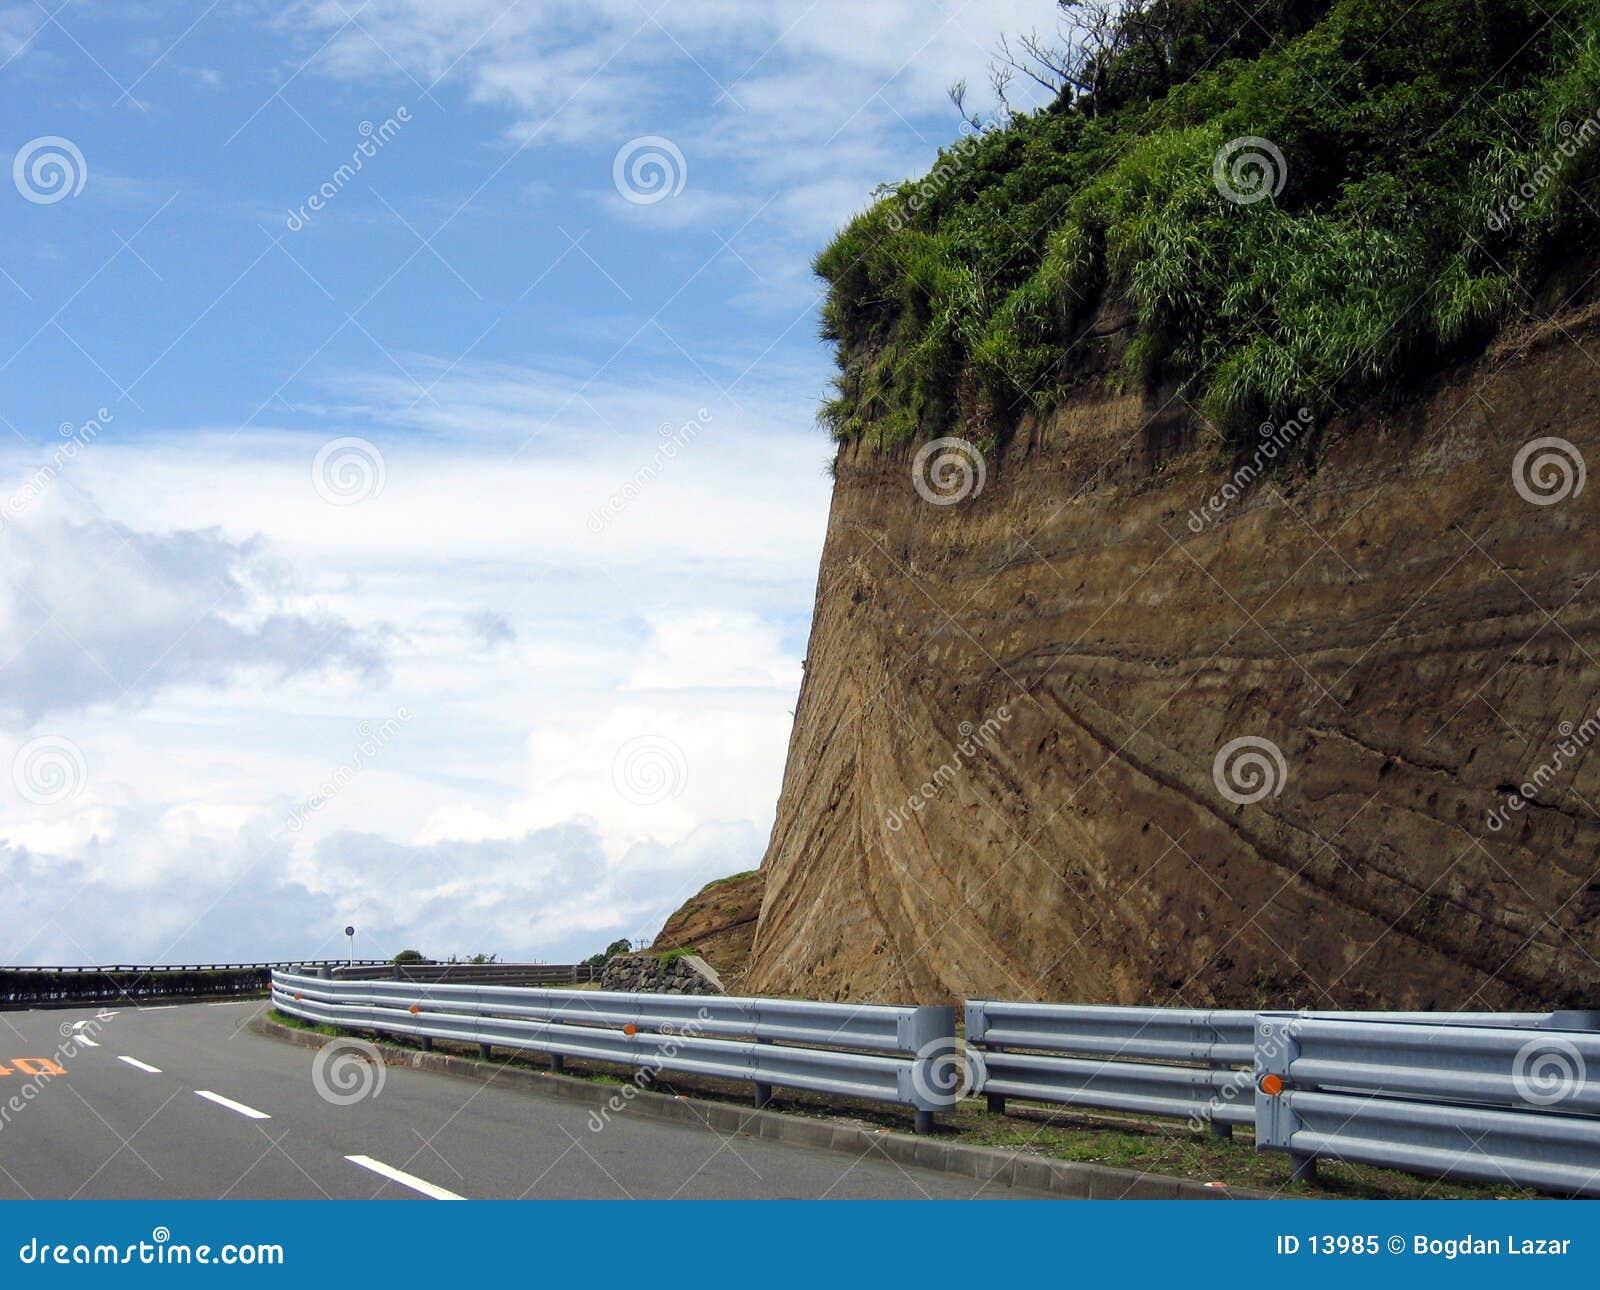 Vänd för höger spår för race